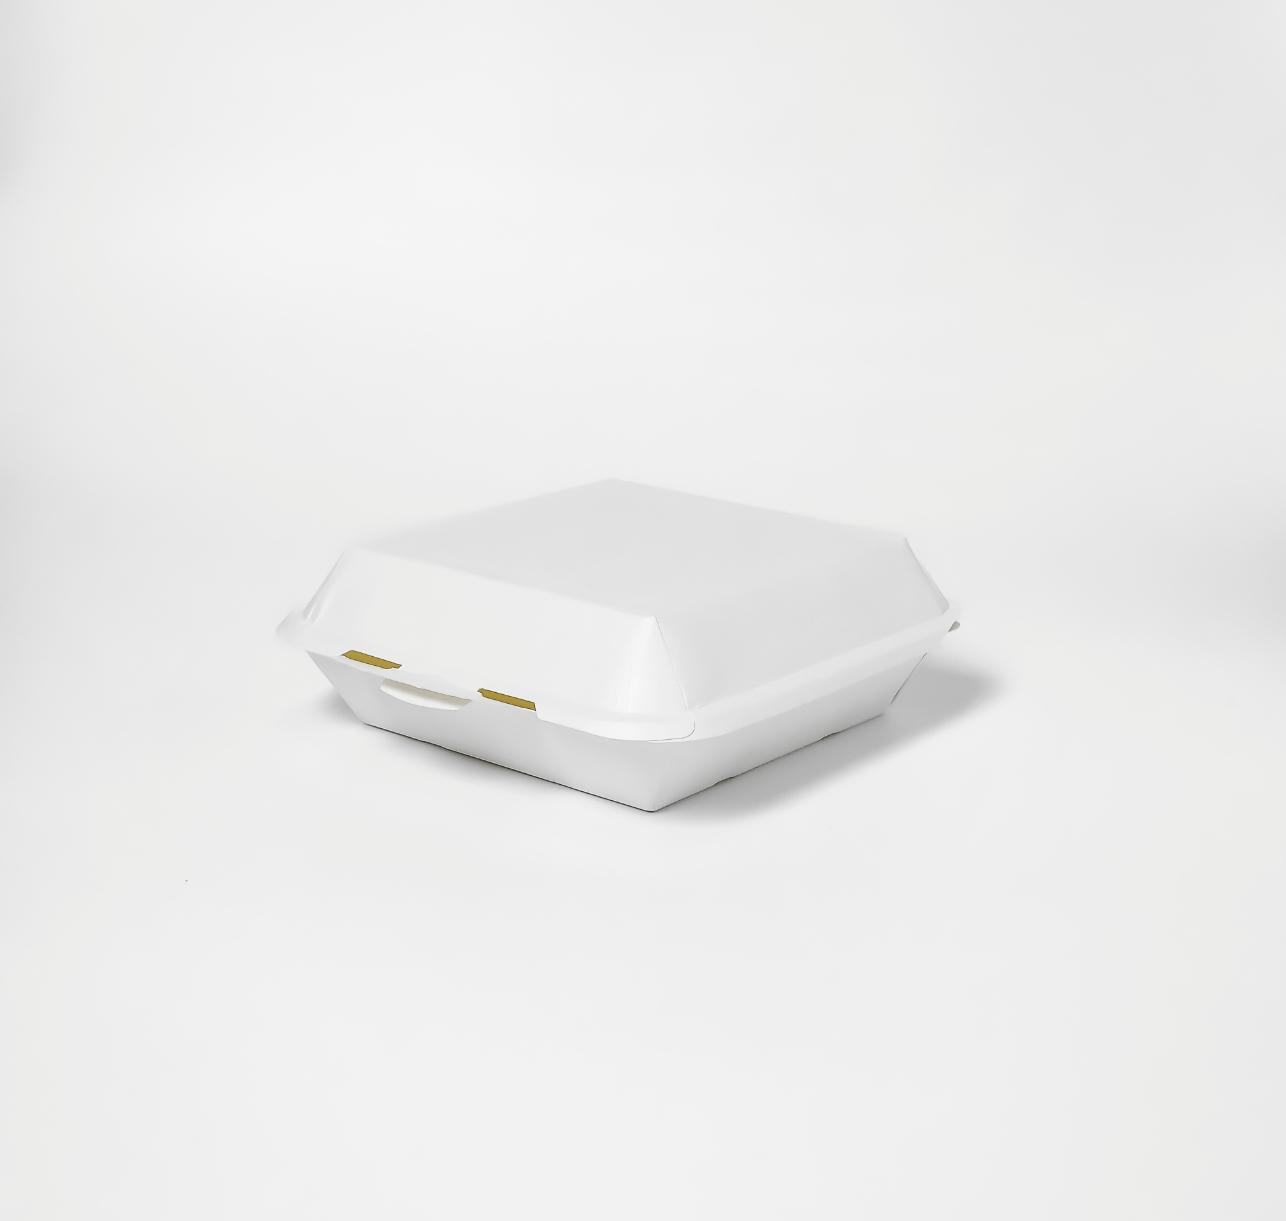 กล่องอาหารกระดาษ 1300ml